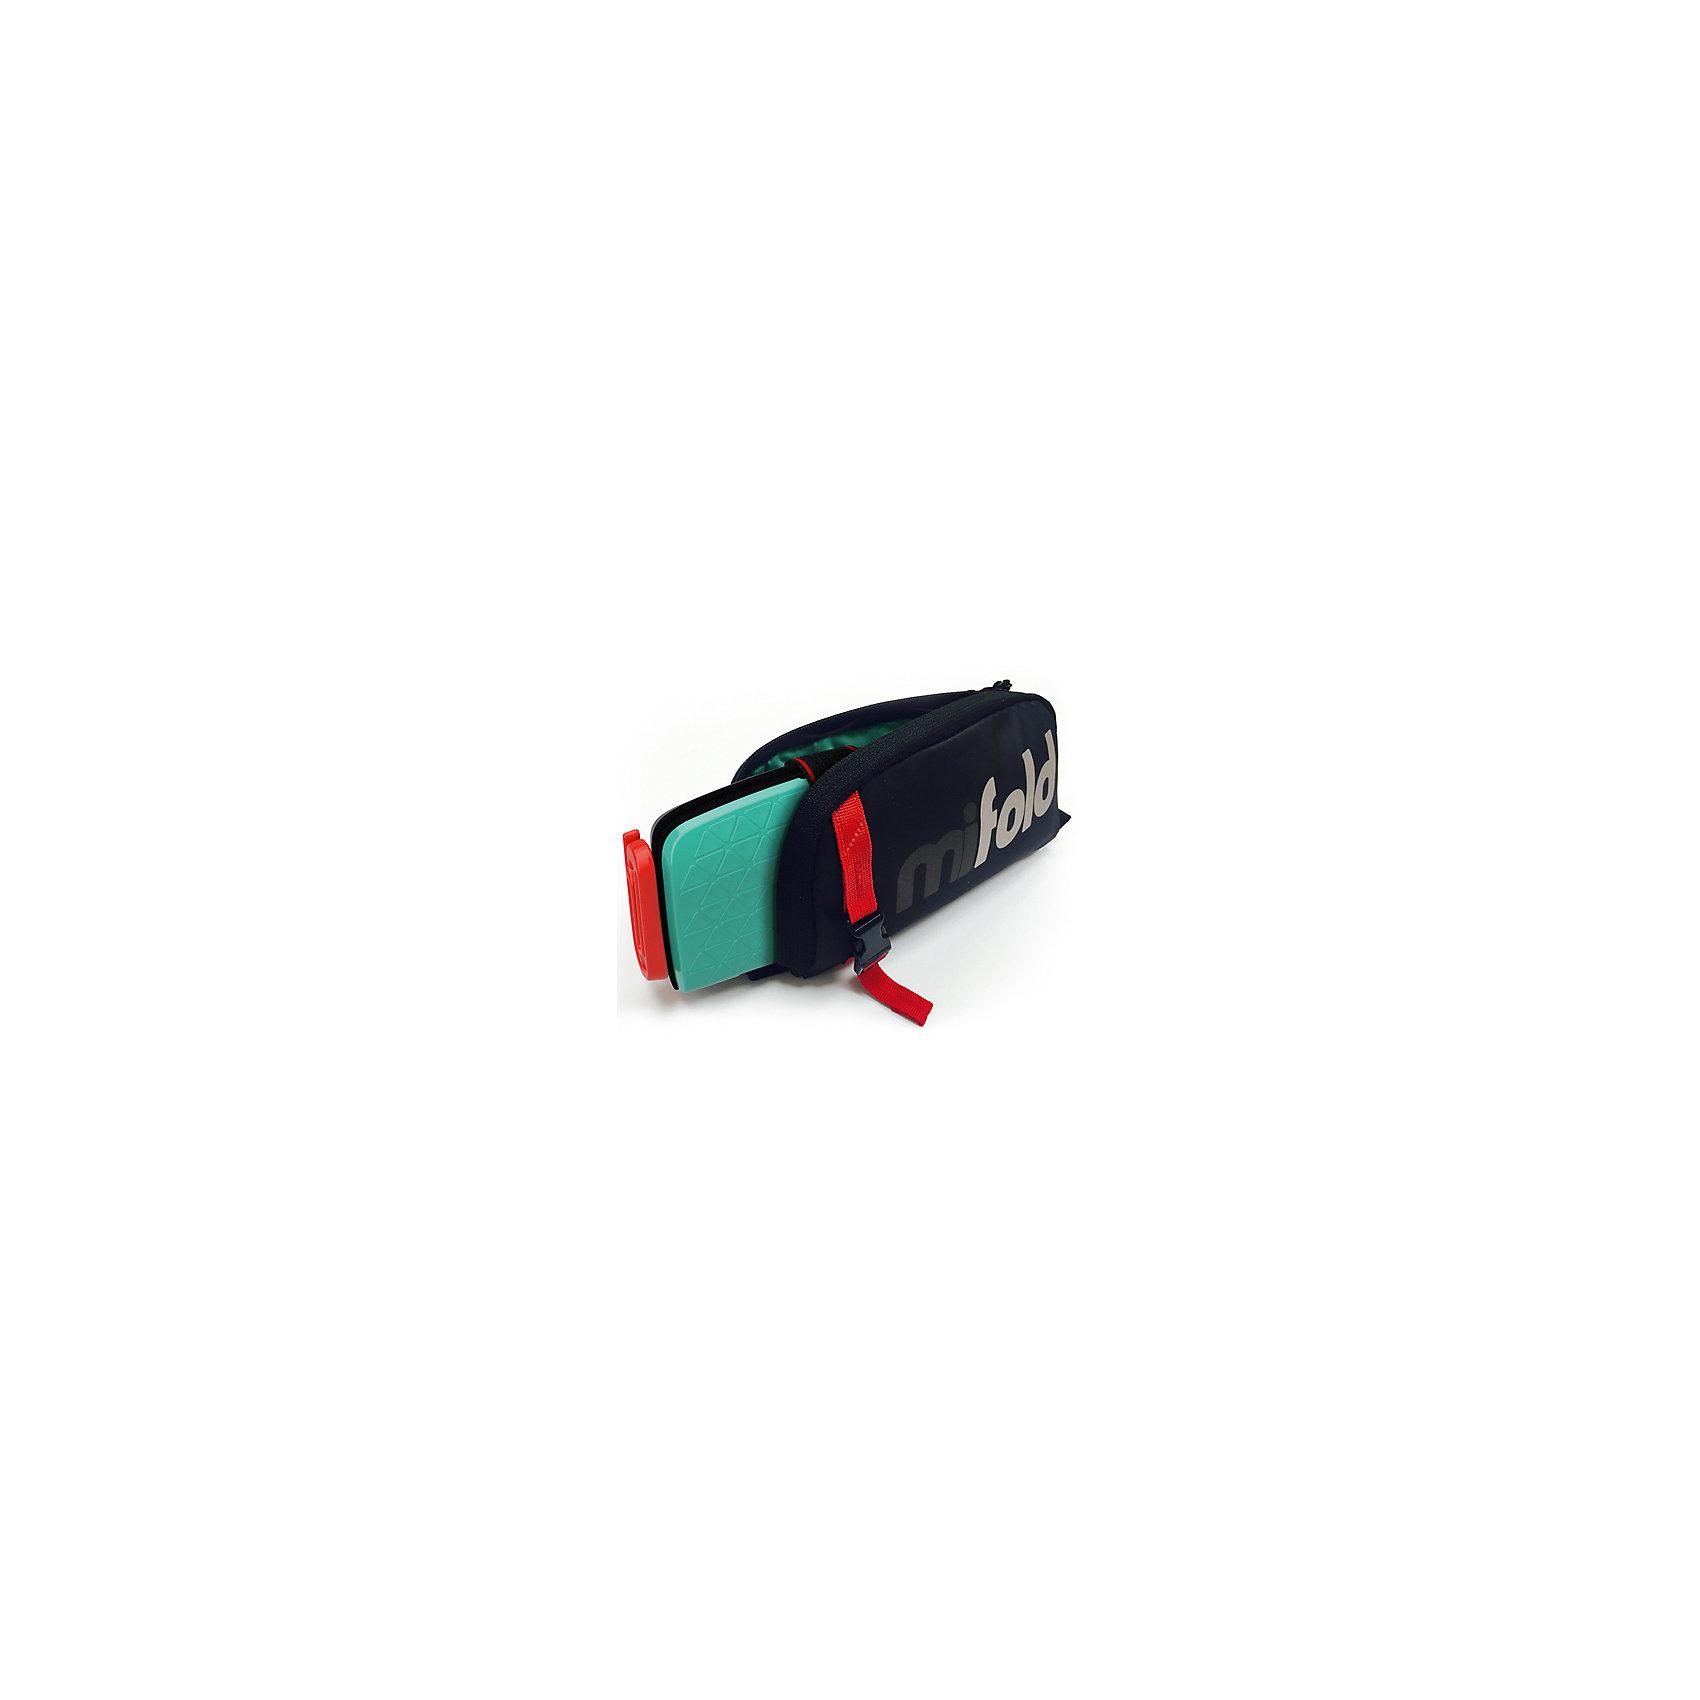 Чехол для бустера Mifold Designer Gift BagАксессуары для автокресел<br>Характеристики товара:<br><br>• цвет: черный;<br>• разработана специально под компактные размеры бустера Mifold;<br>• оснащена стильным ремешком для зажима красного цвета;<br>• защитит бустер от повреждений и царапин во время переноски и хранения в автомобиле;<br>• сохранит автокресло-бустер в чистоте;<br>• страна производства: Израиль.<br><br>Дизайнерская сумочка станет для вас незаменимой помощницей и сохранит автокресло-бустер Mifold чистым.<br><br>Чехол для бустера Mifold Designer Gift Bag можно купить в нашем интернет-магазине.<br><br>Ширина мм: 330<br>Глубина мм: 150<br>Высота мм: 40<br>Вес г: 150<br>Возраст от месяцев: 48<br>Возраст до месяцев: 144<br>Пол: Унисекс<br>Возраст: Детский<br>SKU: 6878758